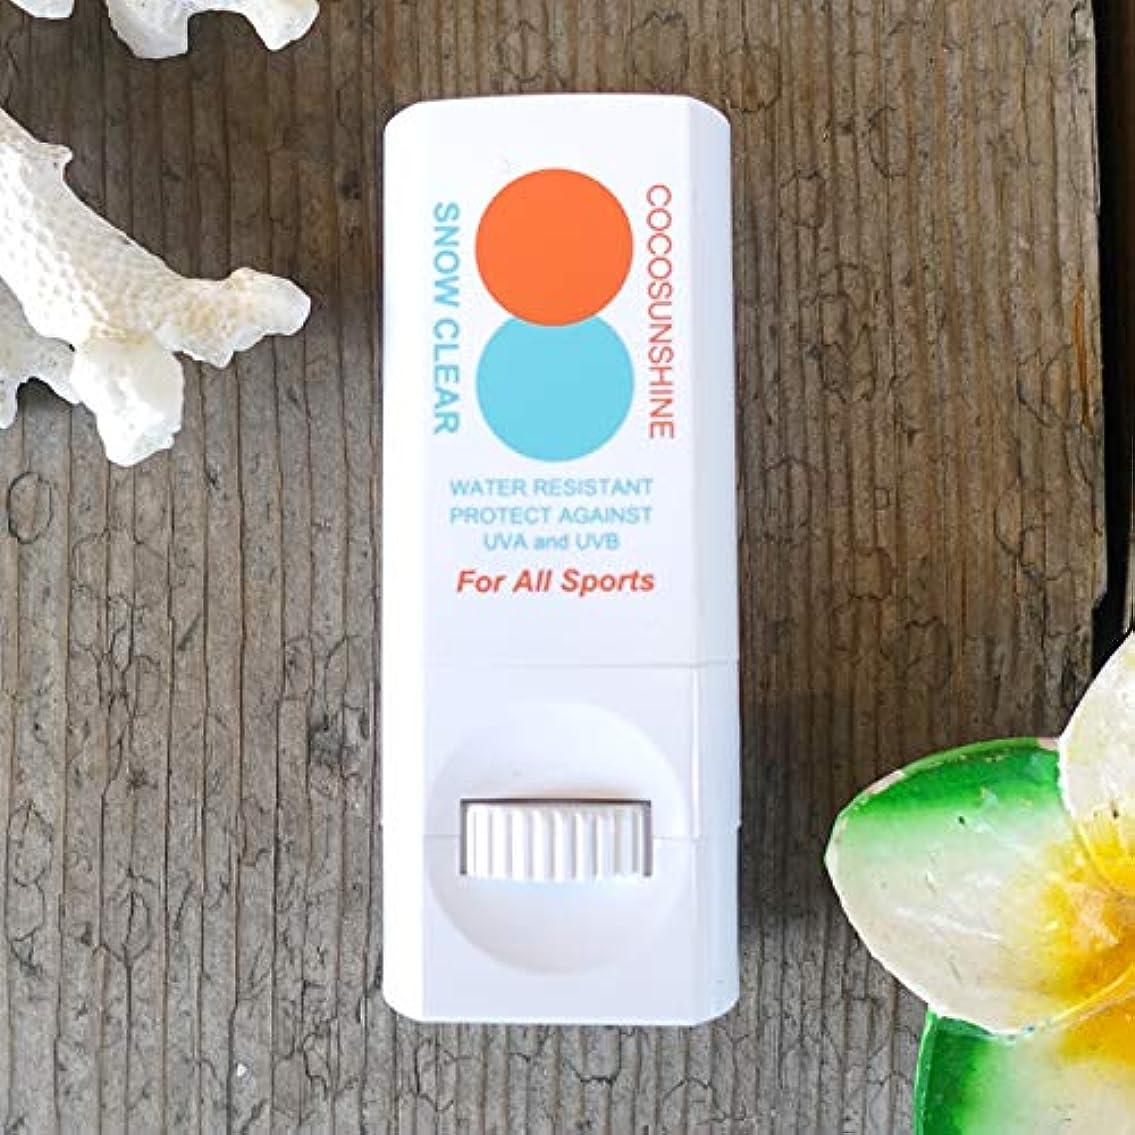 三角ポール取るSnipe Sports Cosmetic(スナイプ スポーツ コスメティック) COCO SUNSHINE ココサンシャイン 固形 日焼け止め スティック 練り出しタイプ UVプロテクト SPF30 PA++ スノークリア